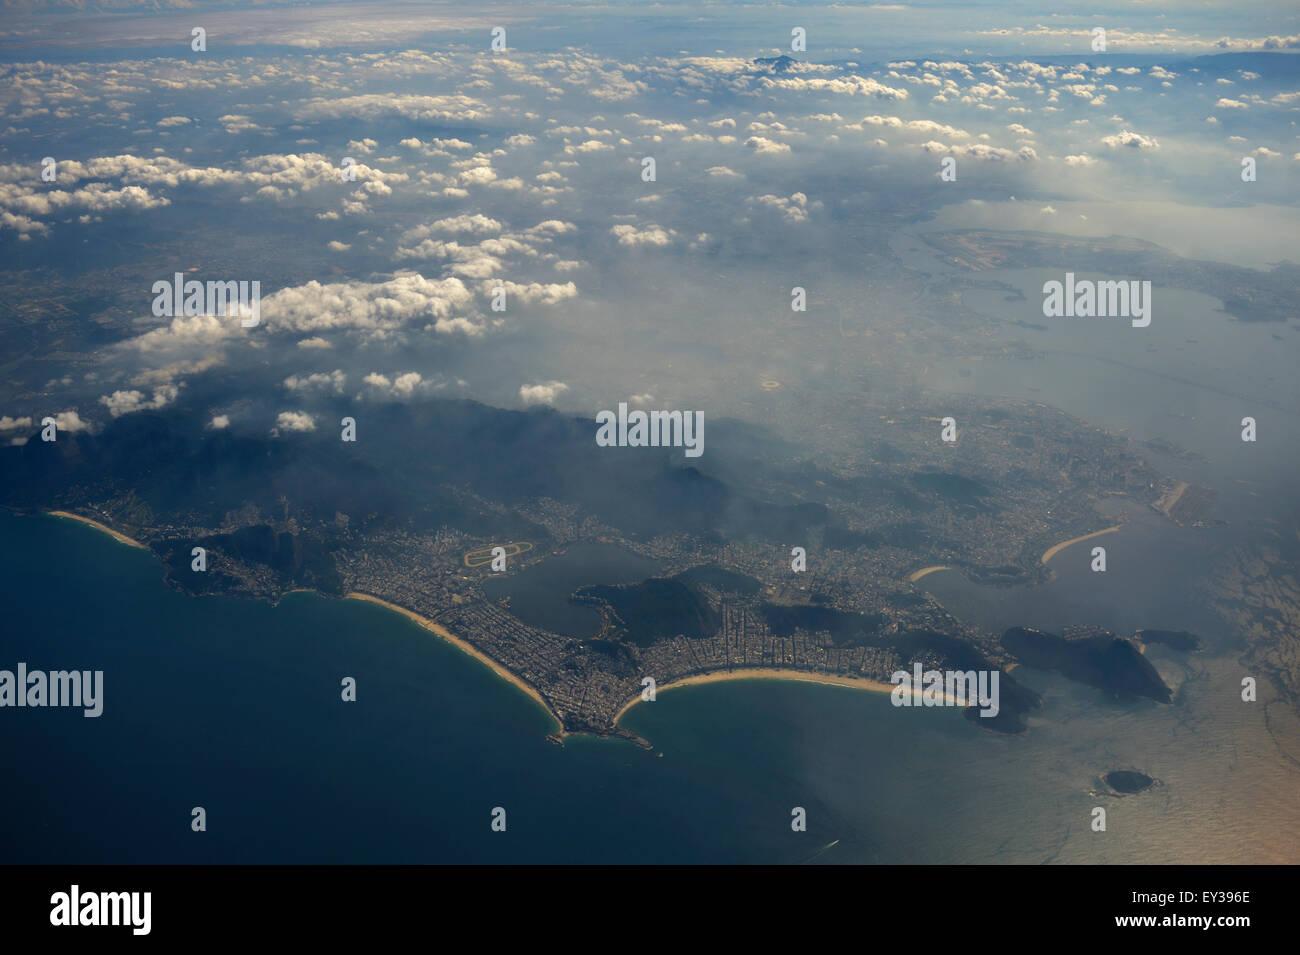 Vista aérea de las playas y del centro de la ciudad, Río de Janeiro, Brasil Imagen De Stock